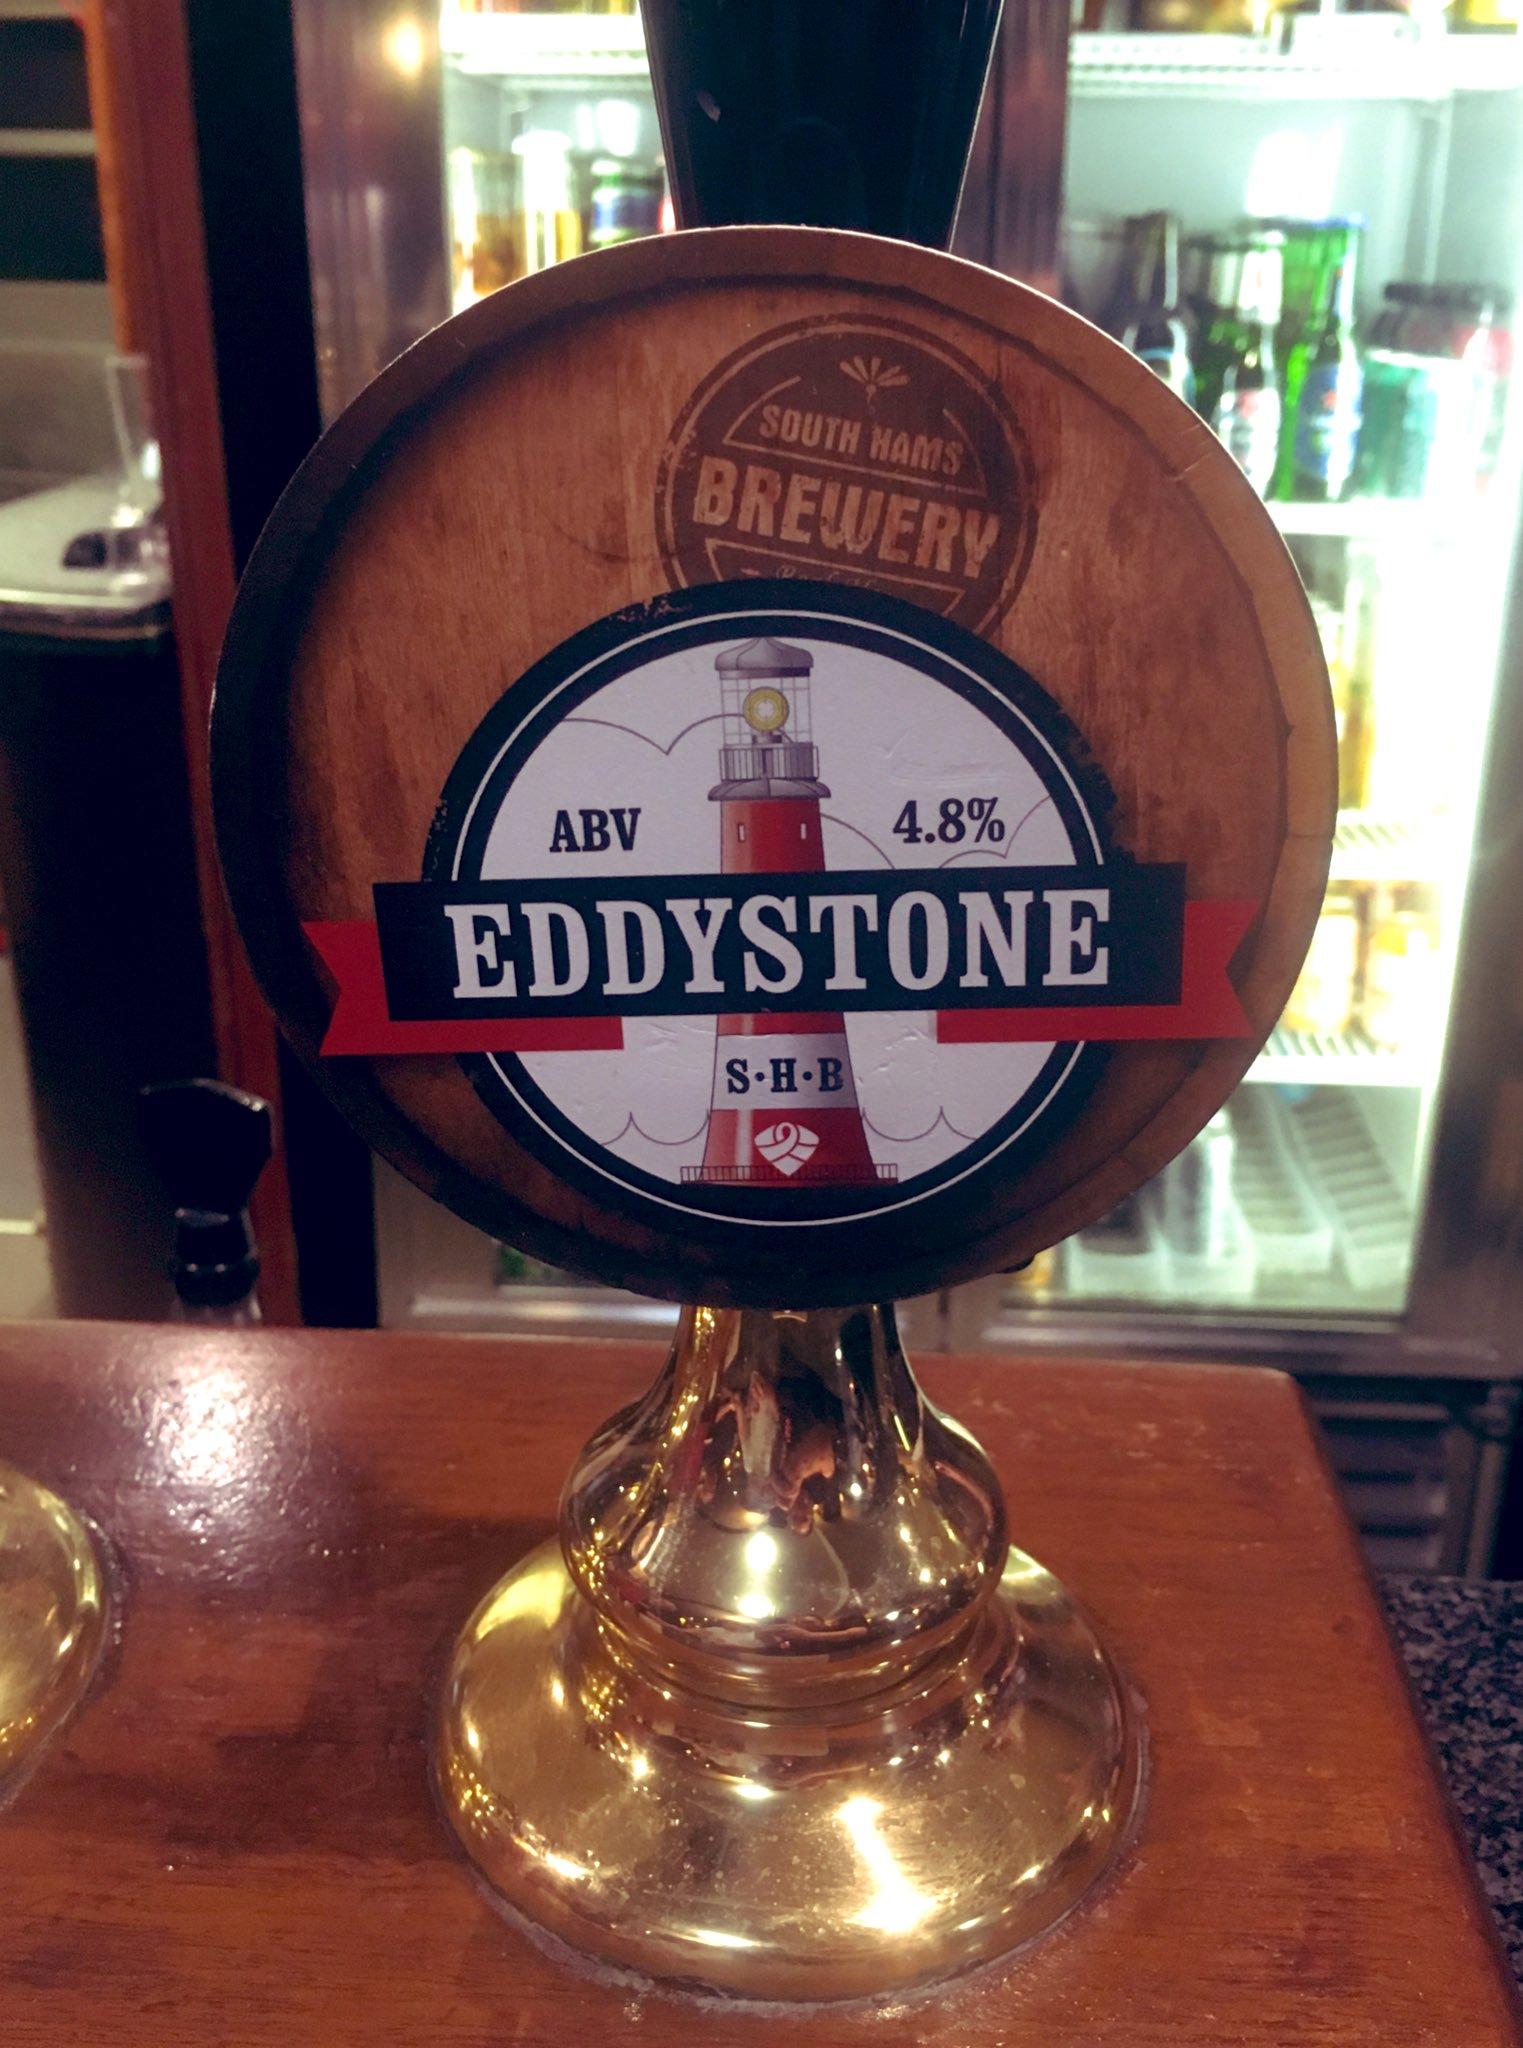 290: EddyStone